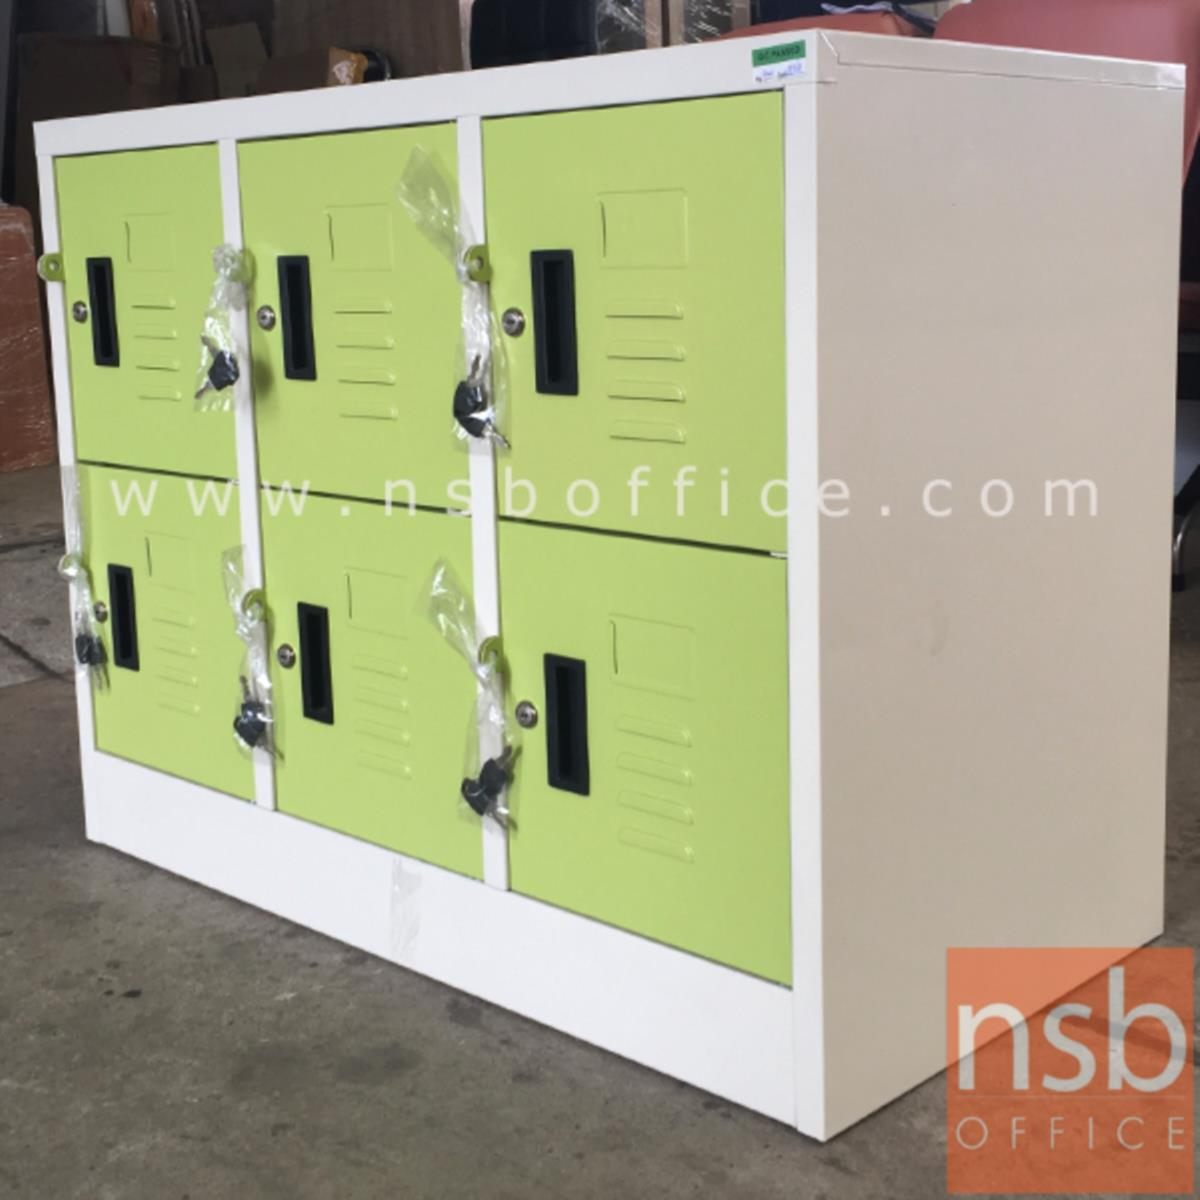 ตู้ล็อกเกอร์เหล็กเตี้ยมินิ 6 ประตู รุ่น Euphemia (ยูฟีเมีย)  ขนาด 91.2W*45.7D*69.3H cm.